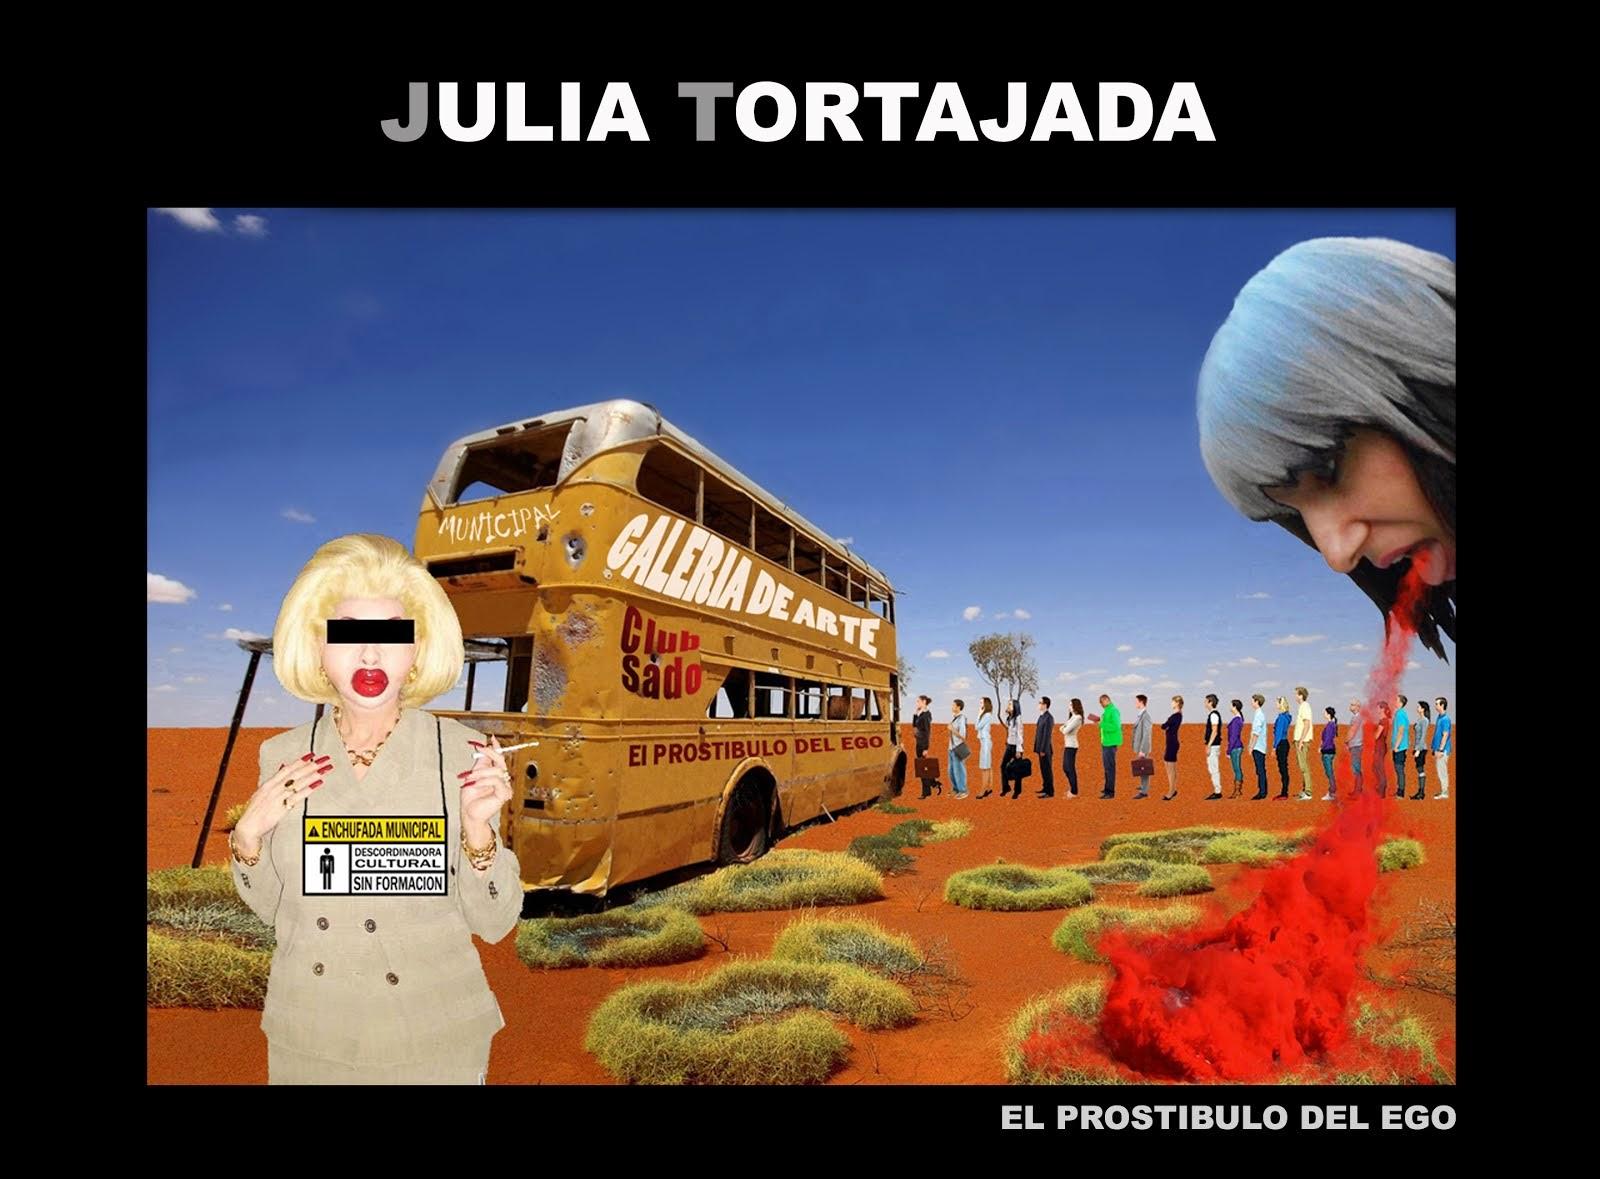 JULIA TORTAJADA